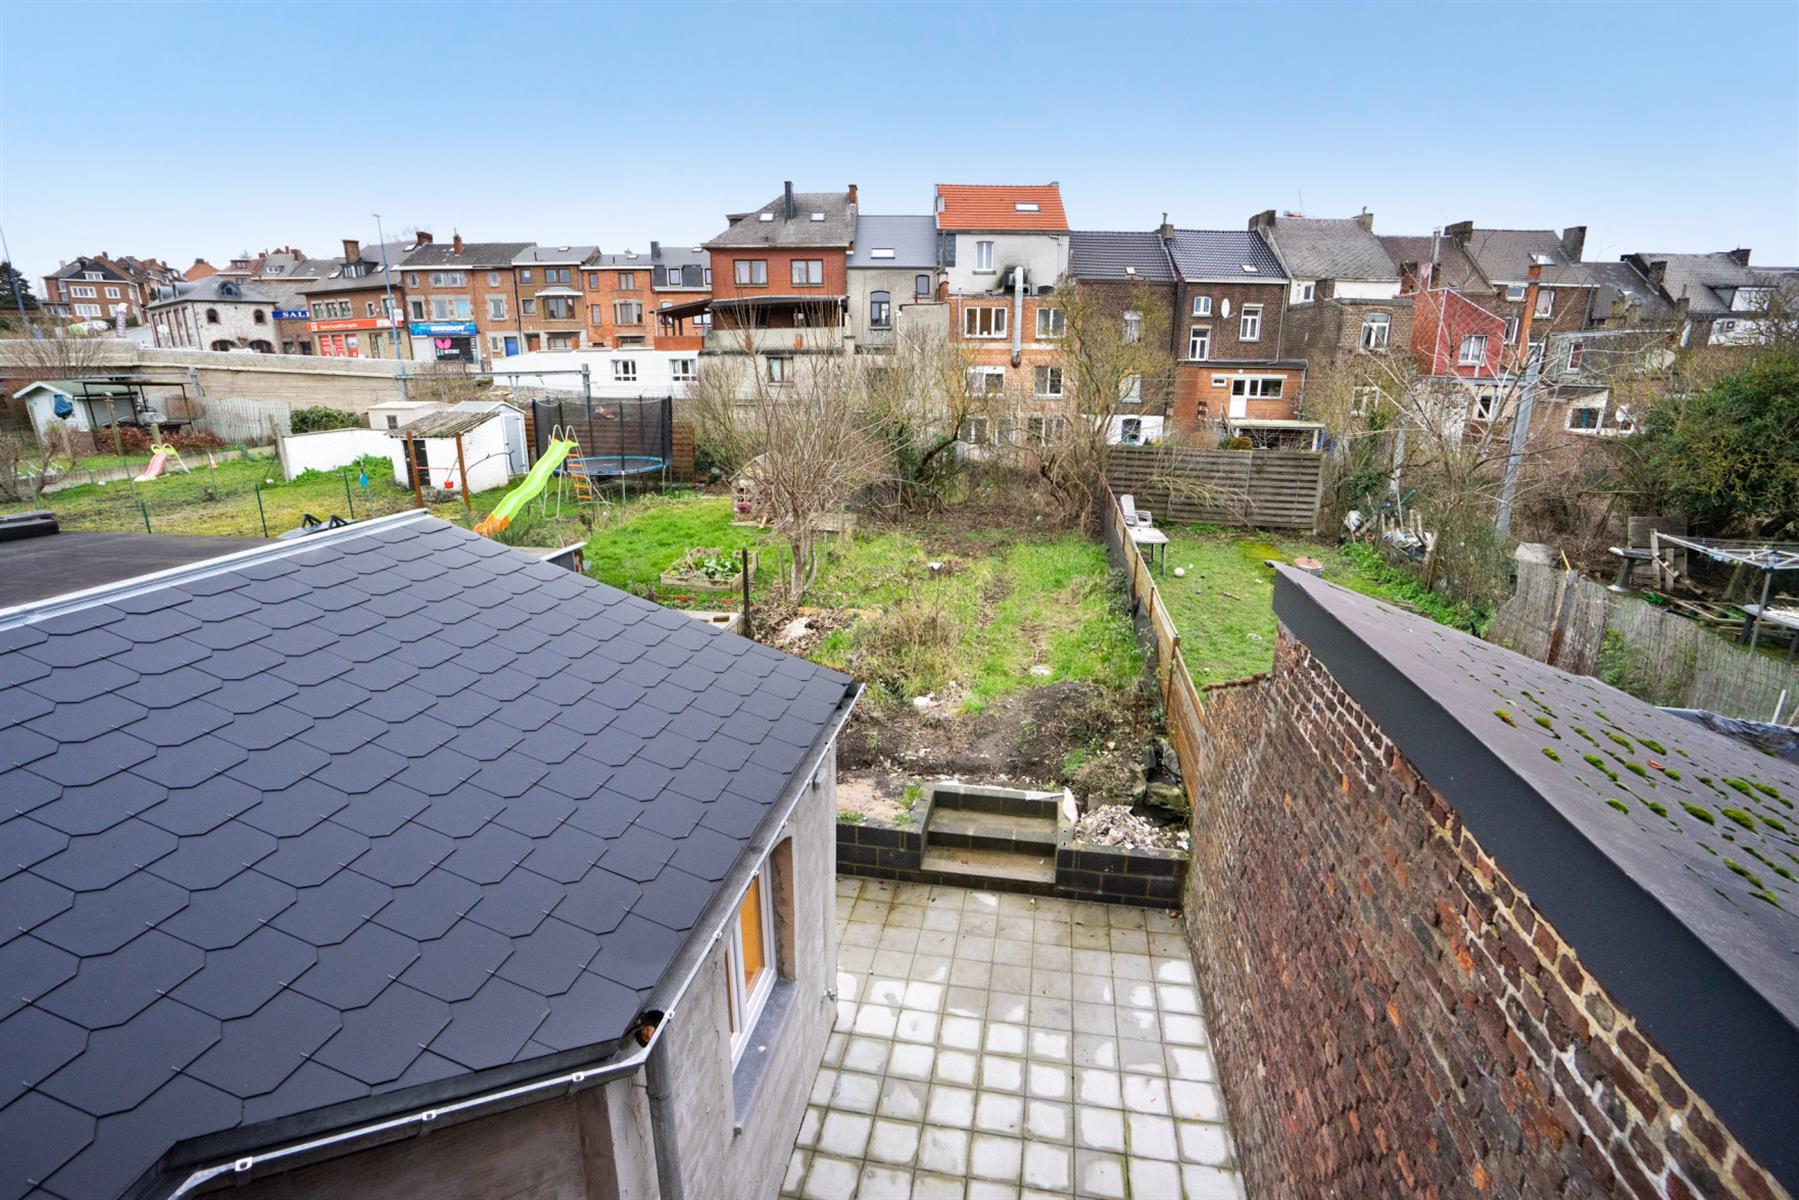 Maison - Namur Saint-Servais - #4251701-24